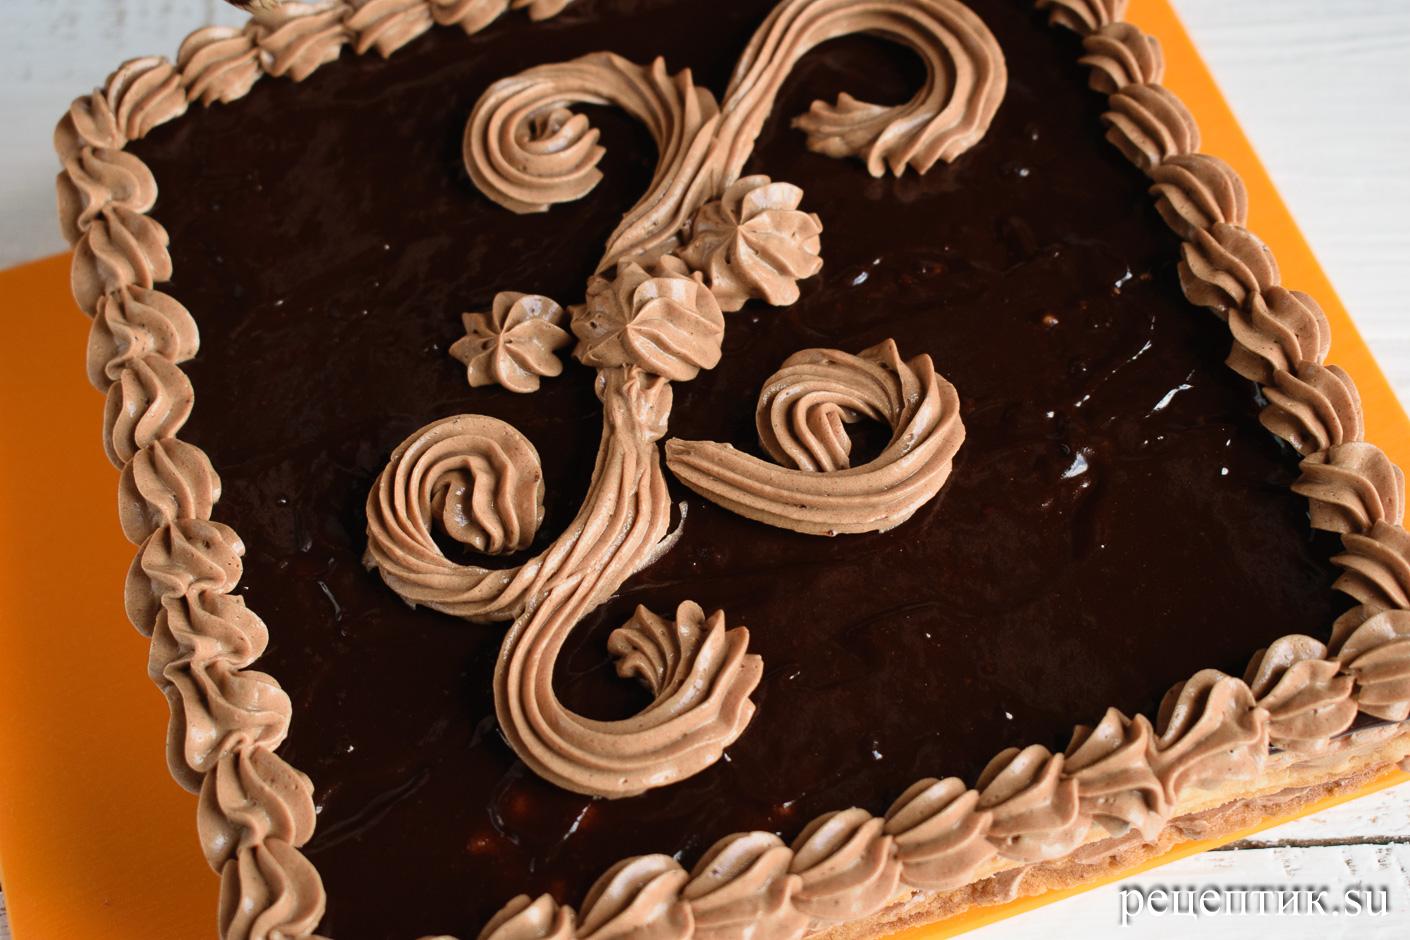 Торт «Ленинградский» — песочный торт с шоколадным масляным кремом - рецепт с фото, шаг 18